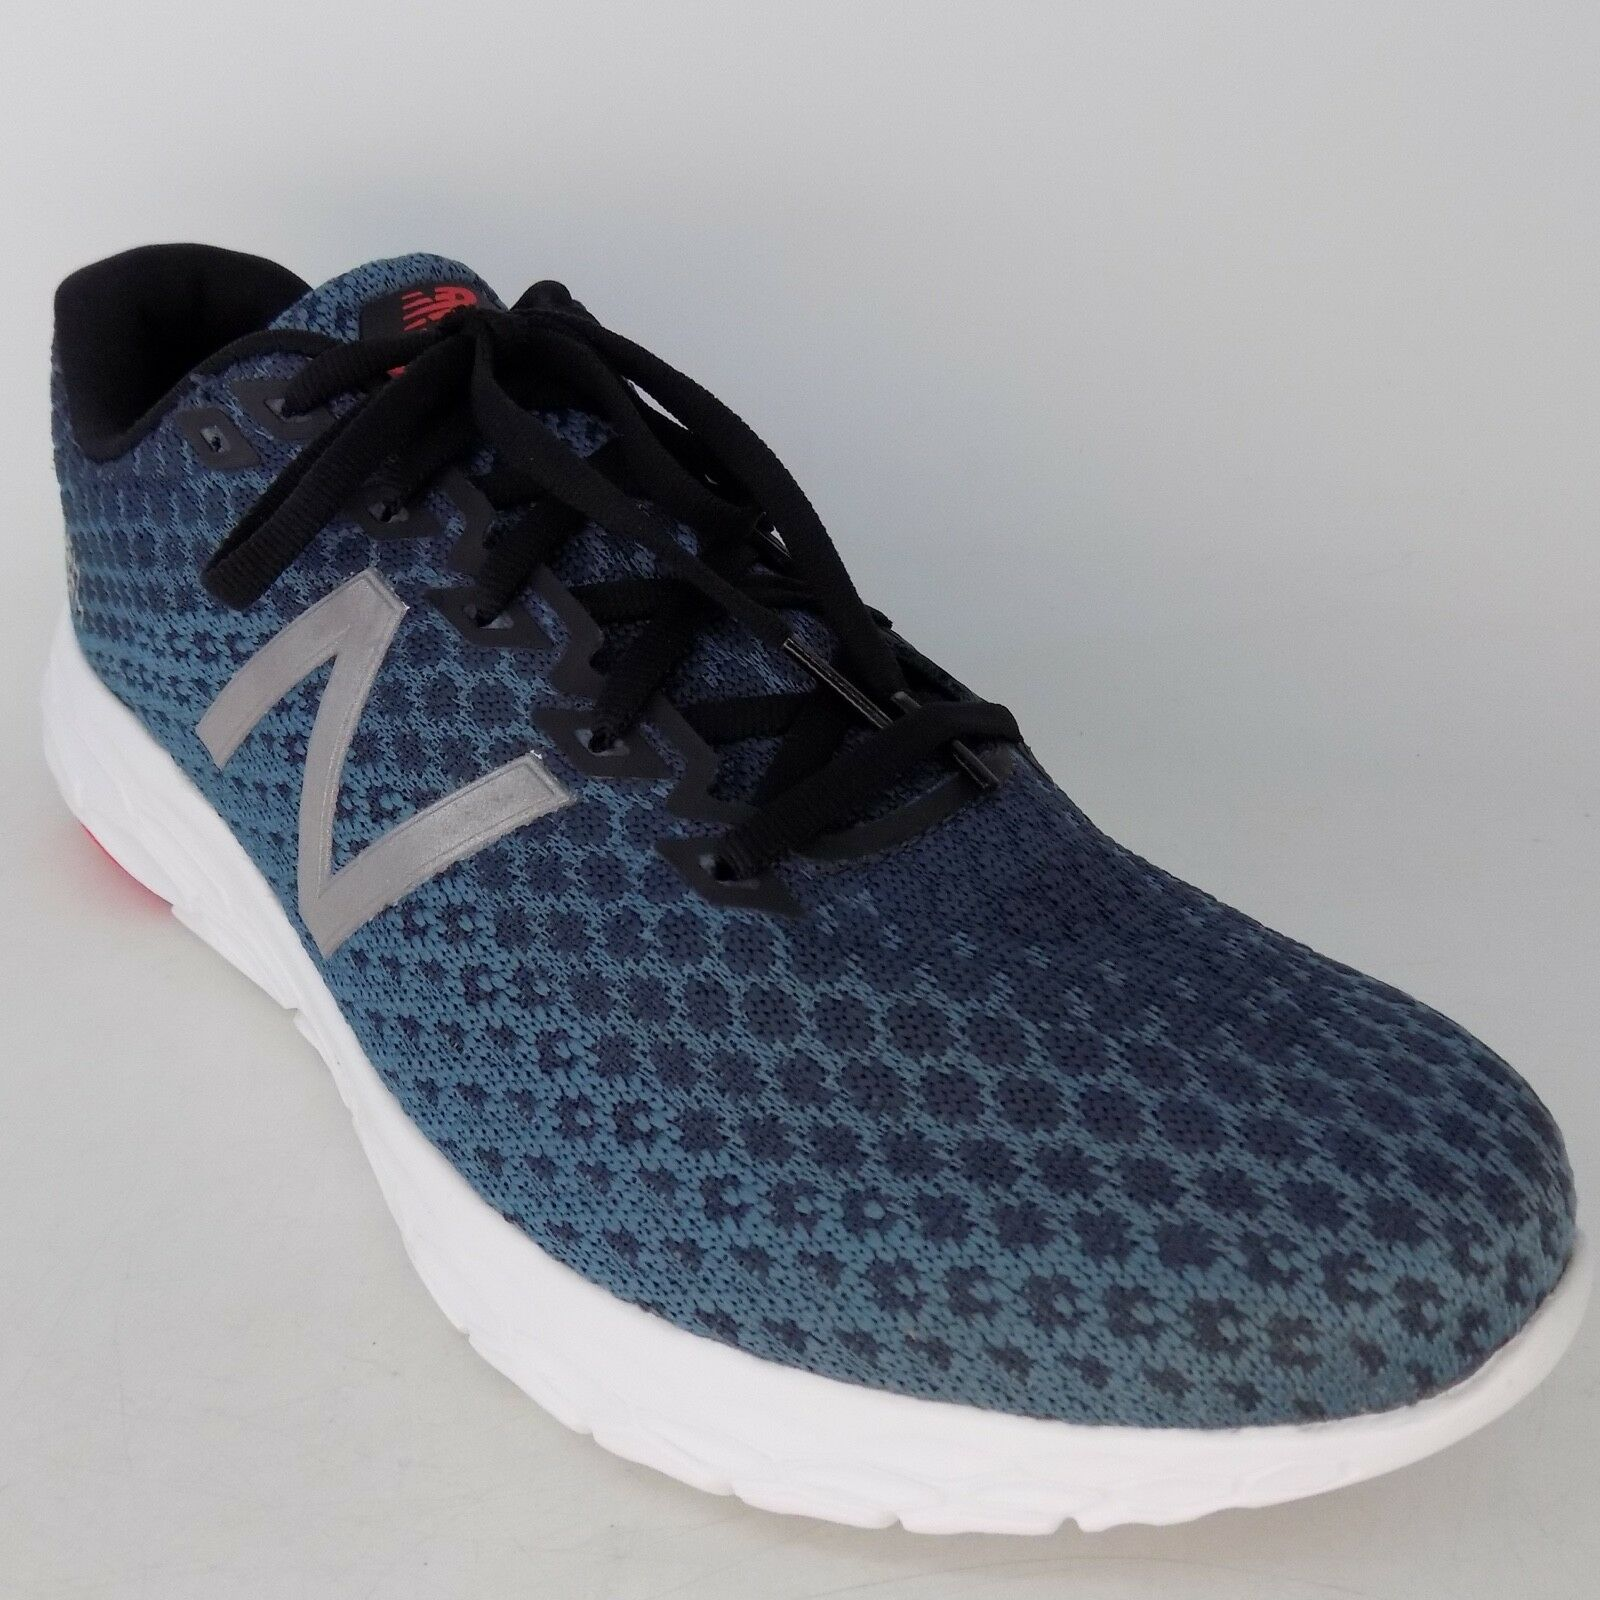 New Balance Mbecnpf Running Men shoes Size 11 EU 45 AL4997